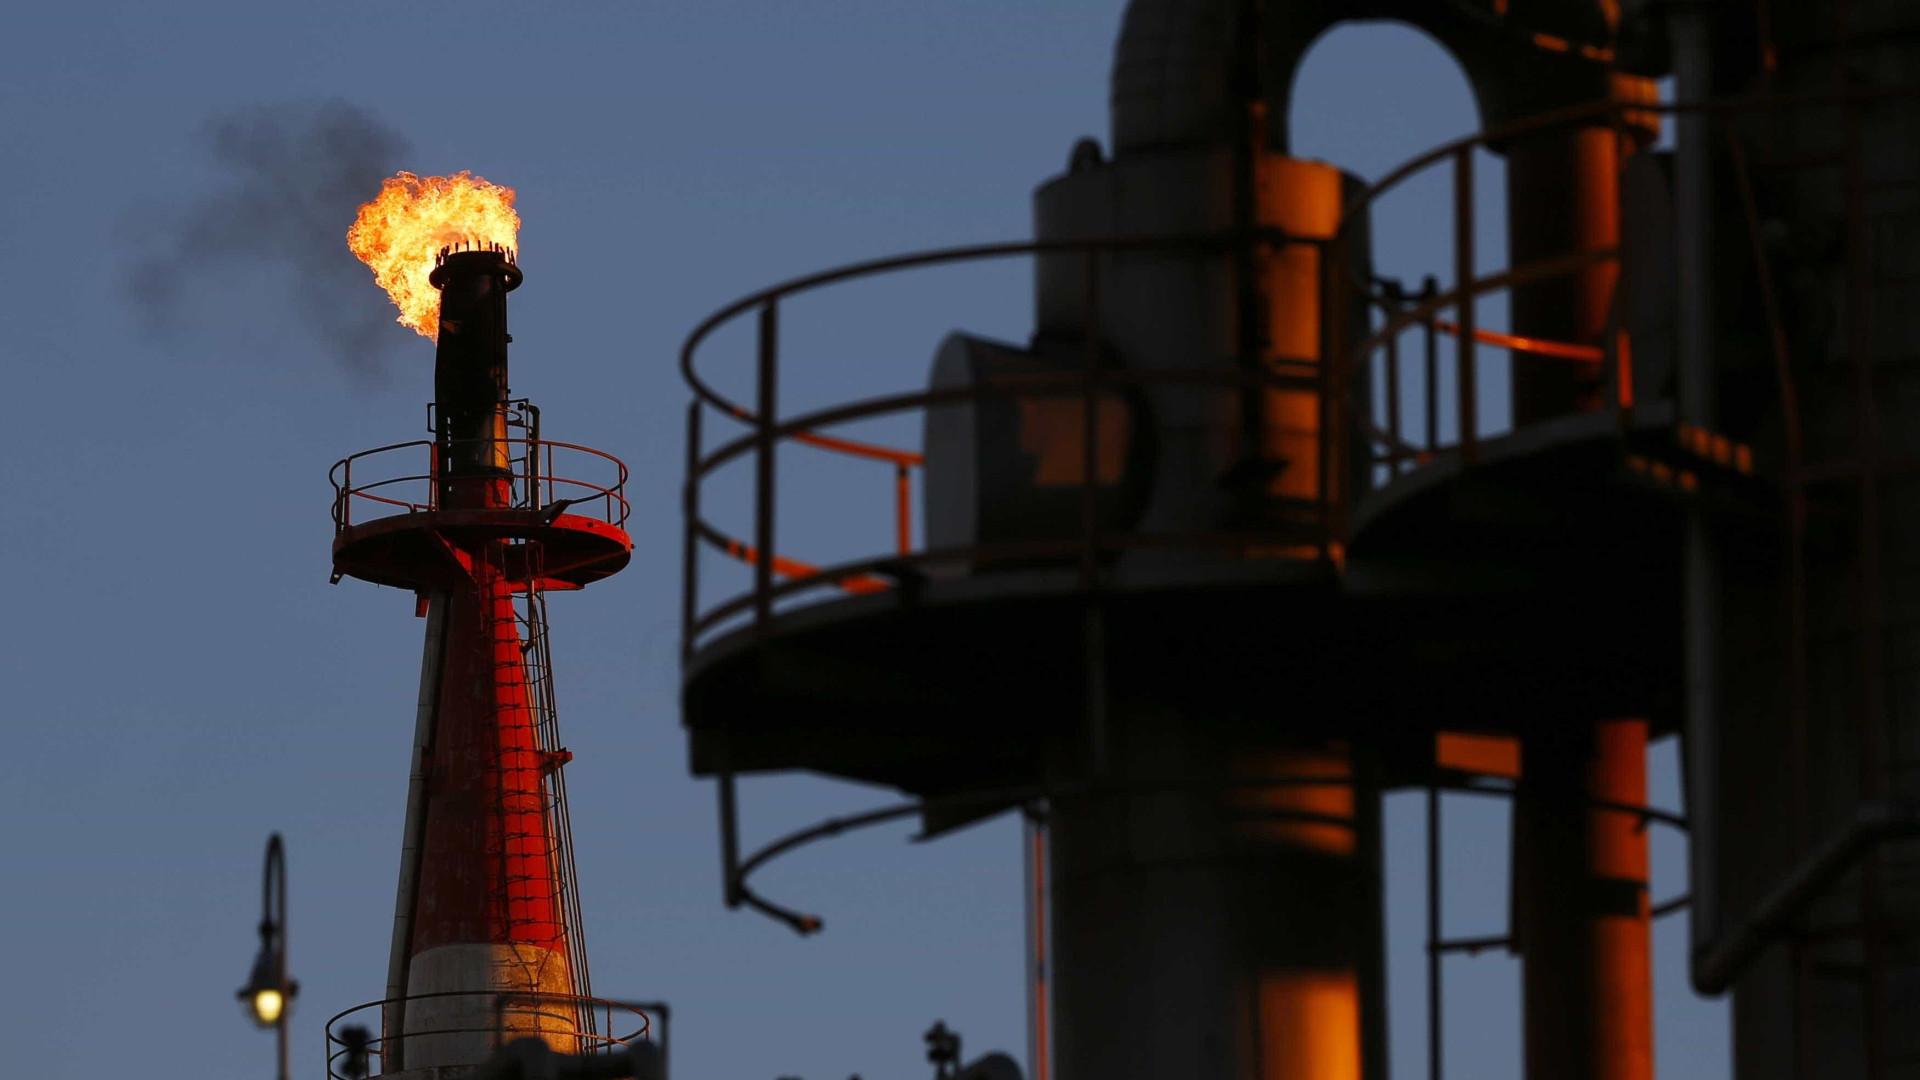 Petróleo: Autarca e manifestantes pedem a demissão do presidente da APA